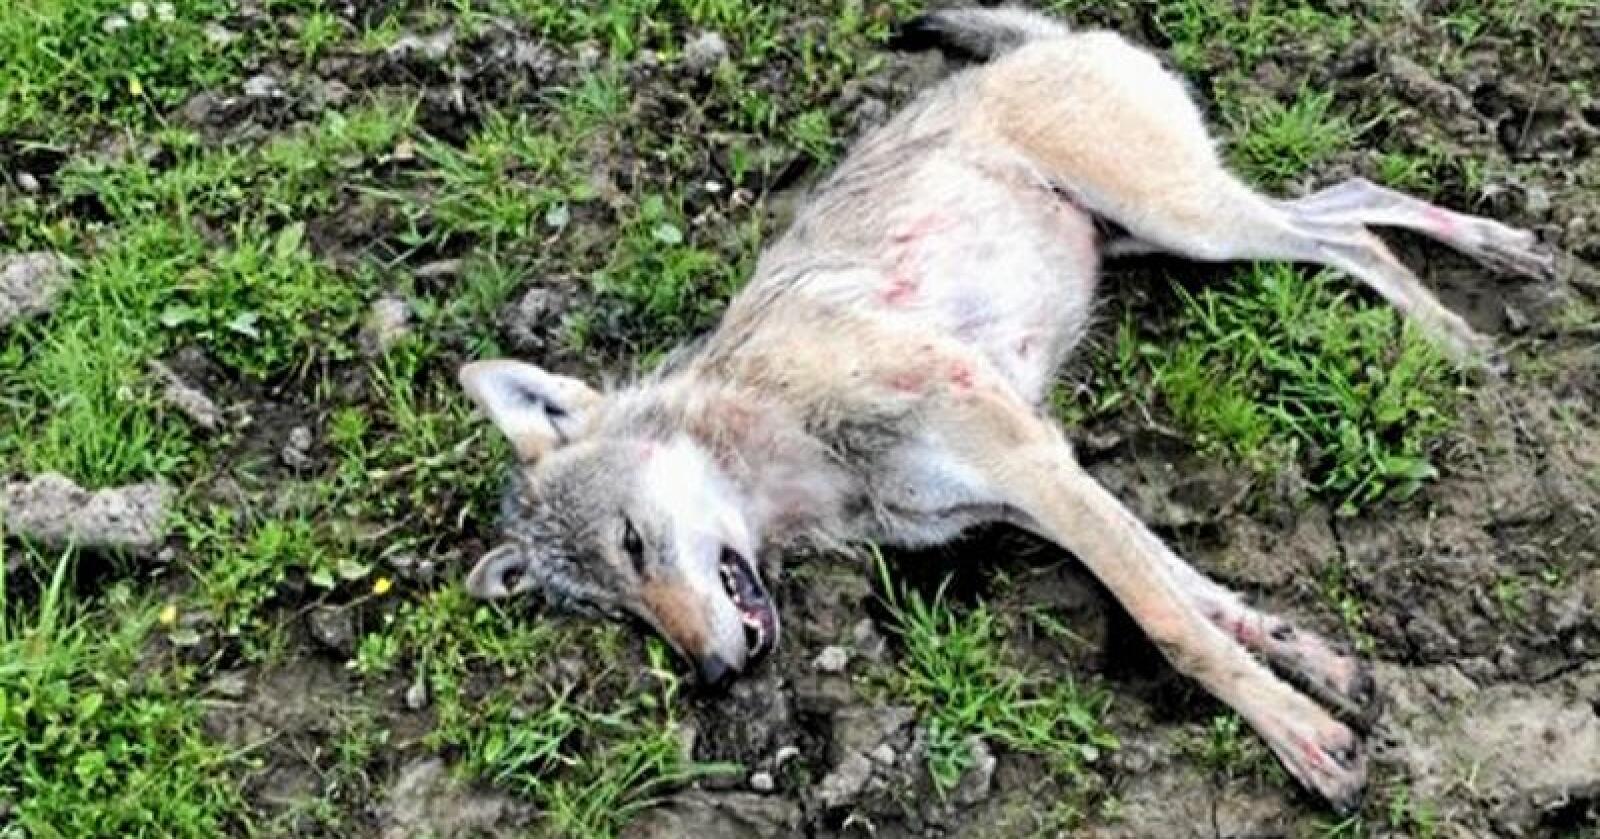 Ulven som ble skutt av en bonde i Sør-Odal tirsdag. Foto: Politiet i Innlandet.